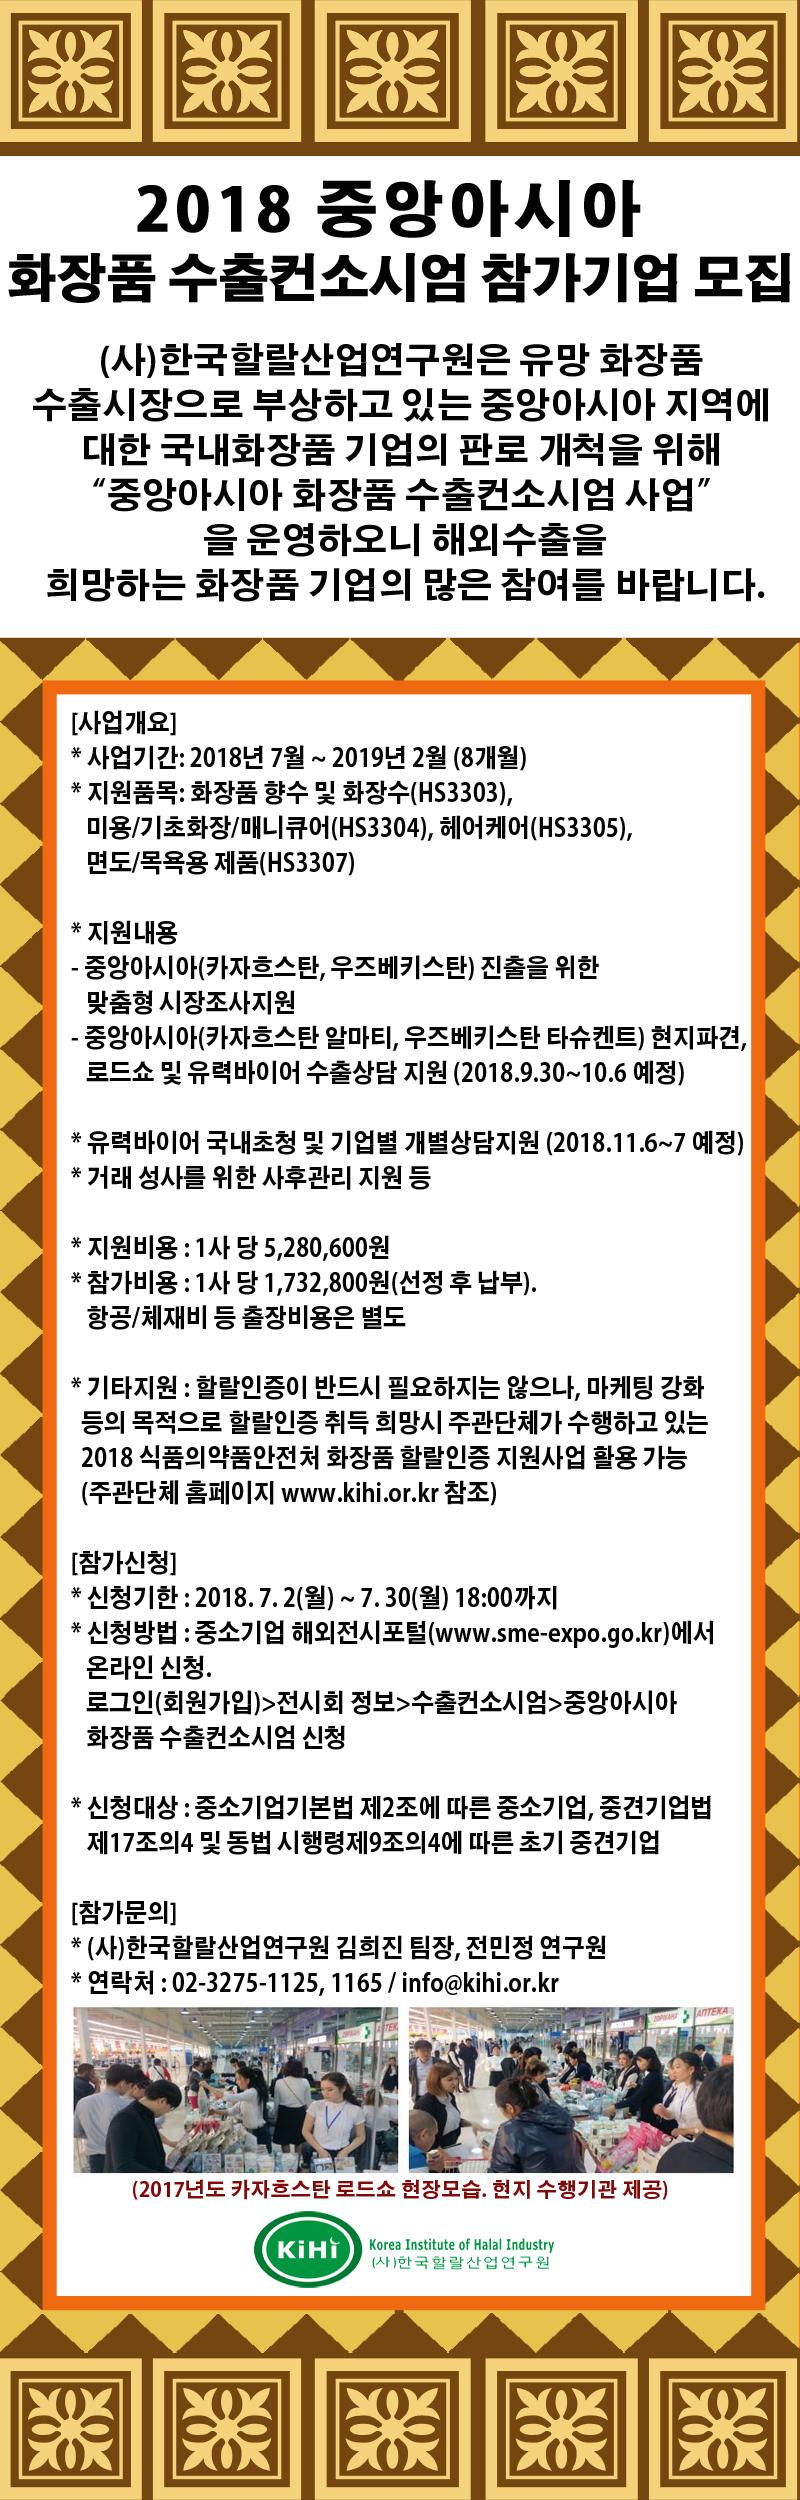 중앙아시아 할랄화장품 컨소시엄 2018.jpg